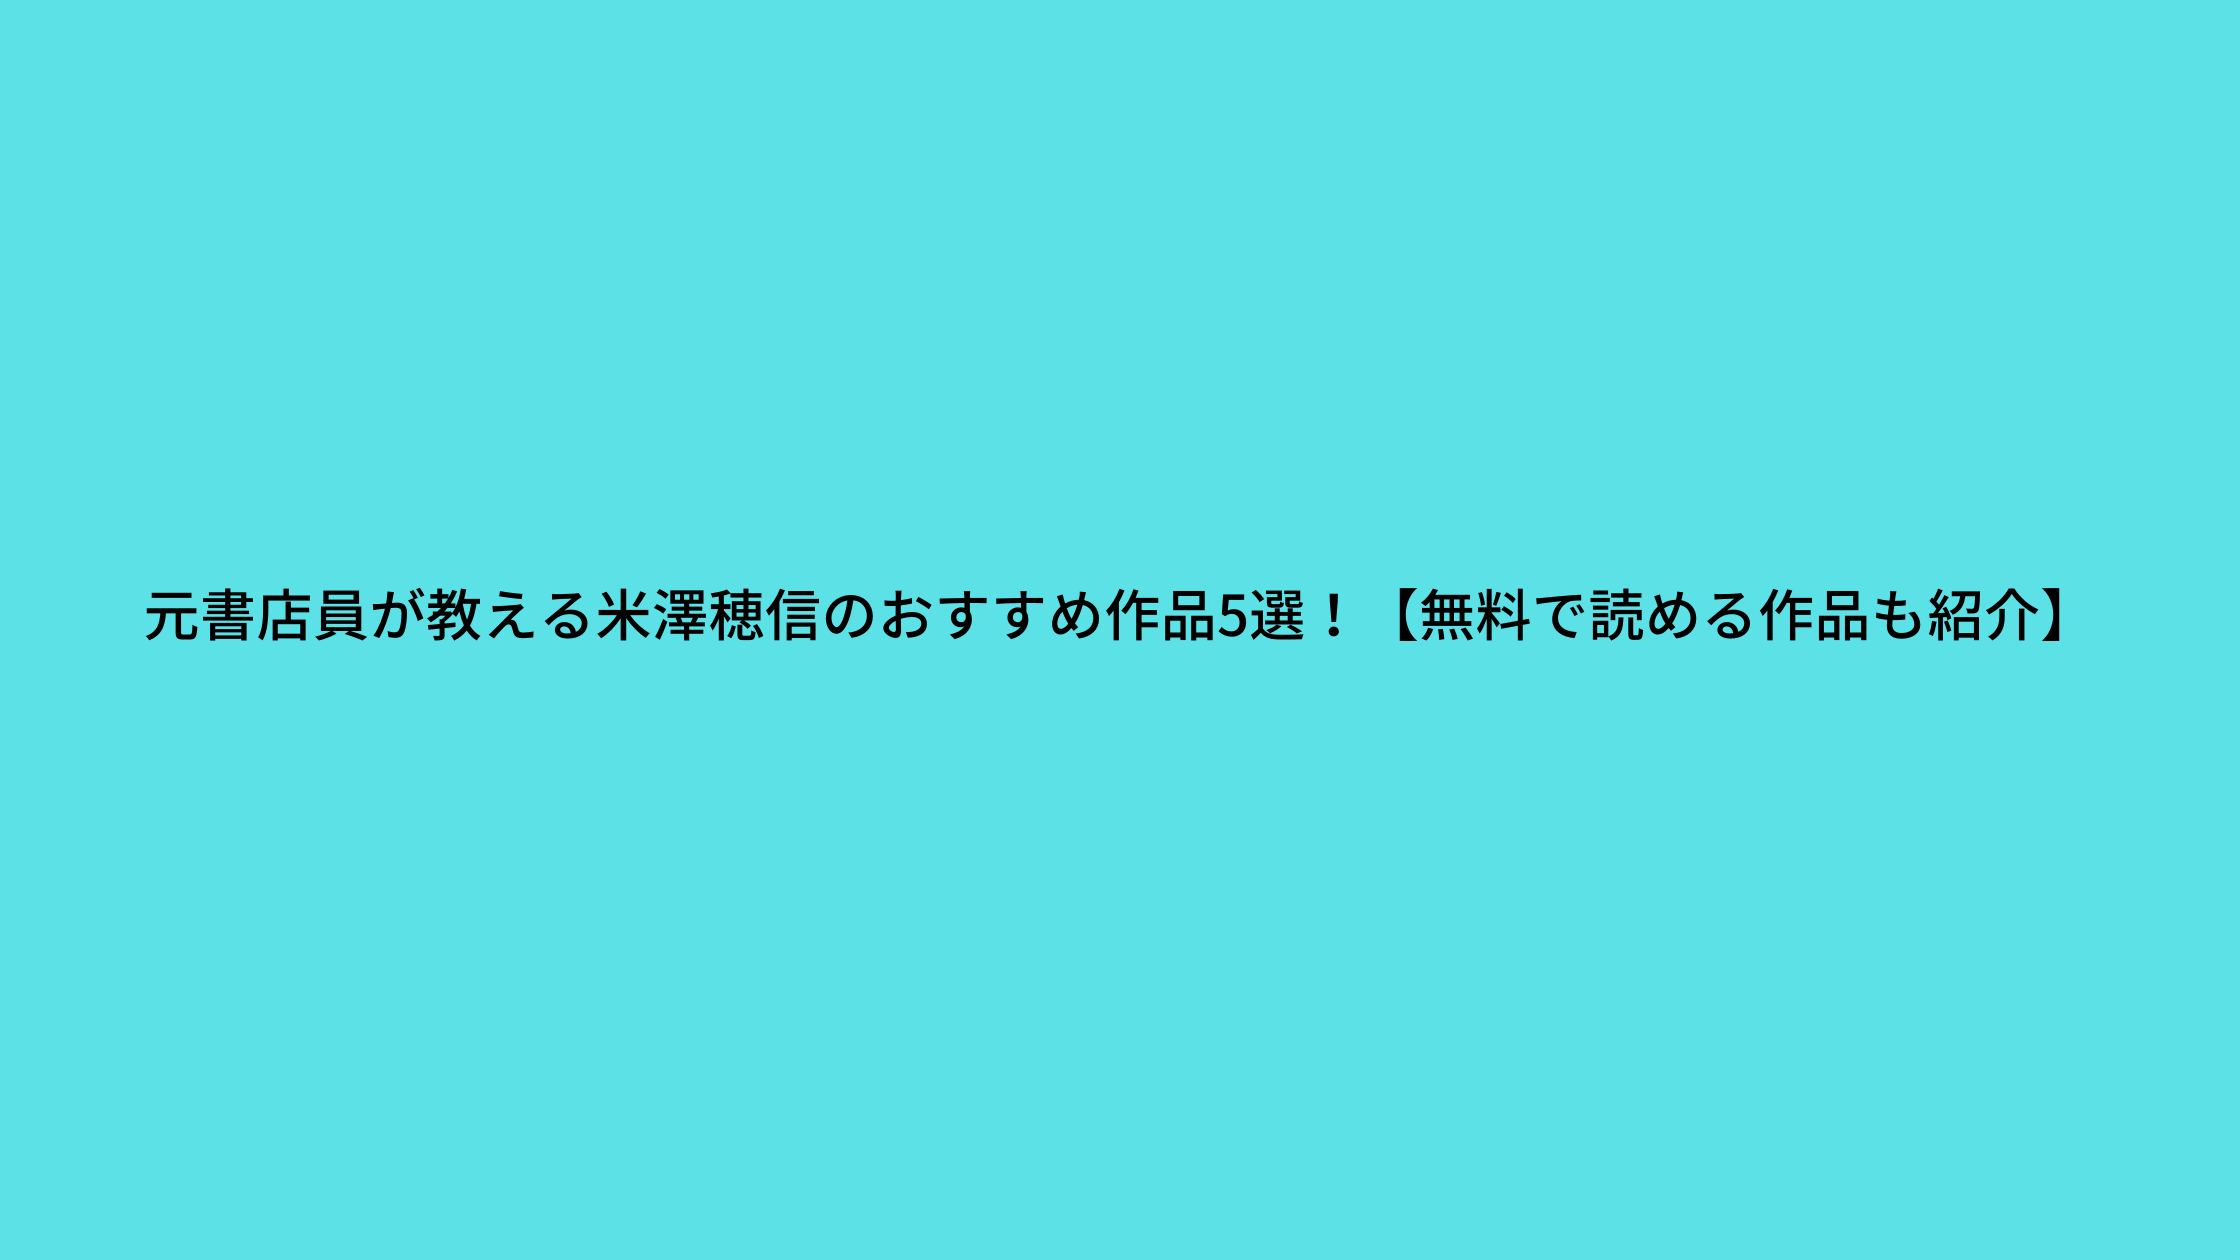 元書店員が教える米澤穂信さんのおすすめ作品5選!【無料で読める作品も紹介】